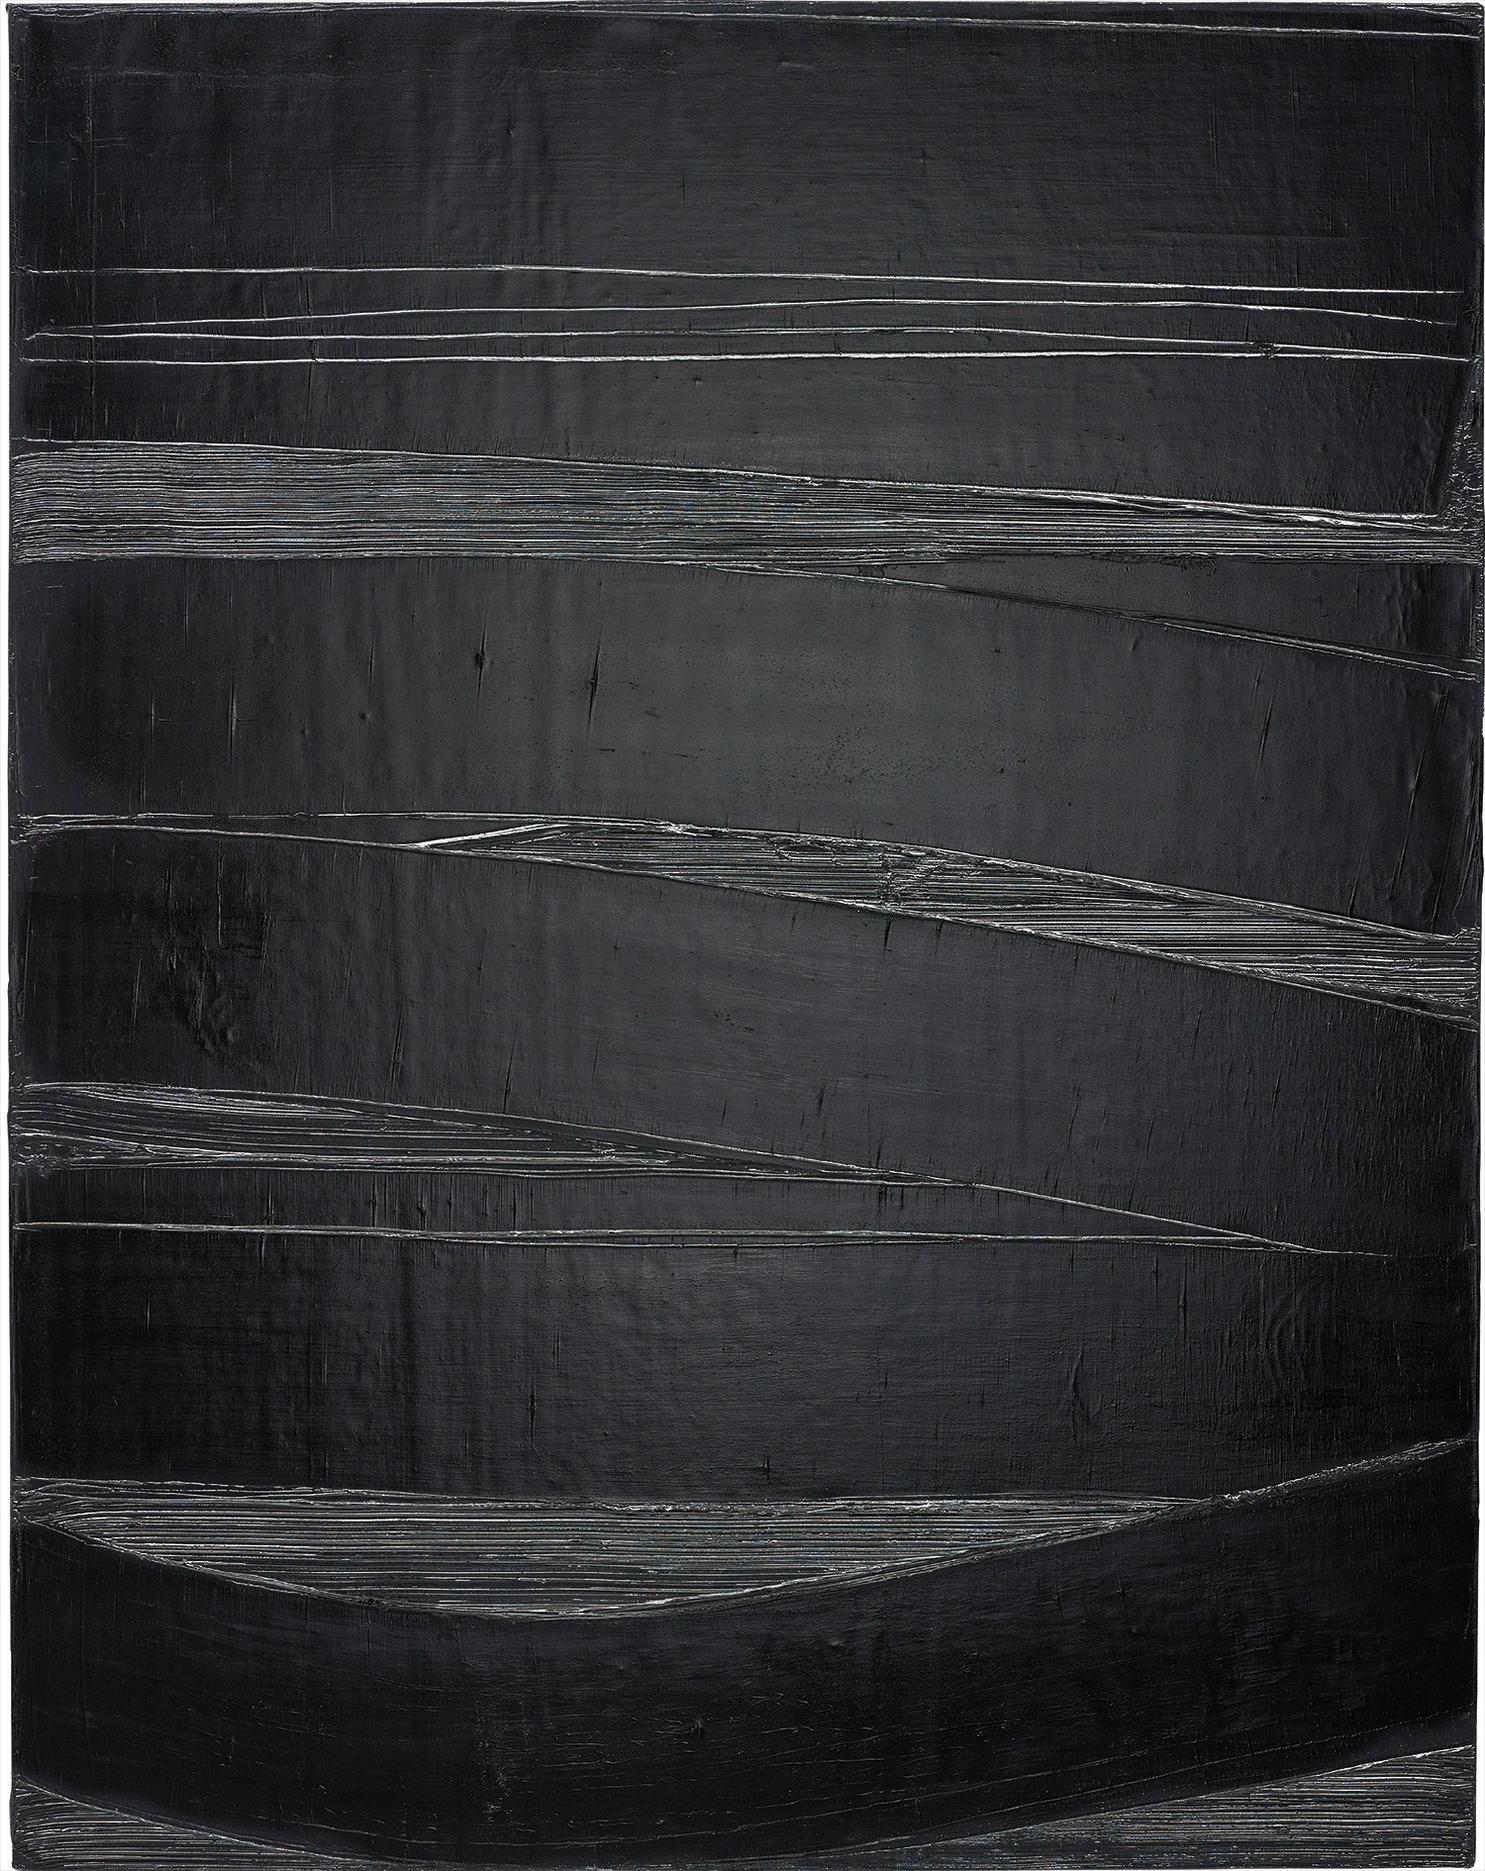 Pierre Soulages-Peinture 130 X 102 Cm, 14 Octobre 1980-1980